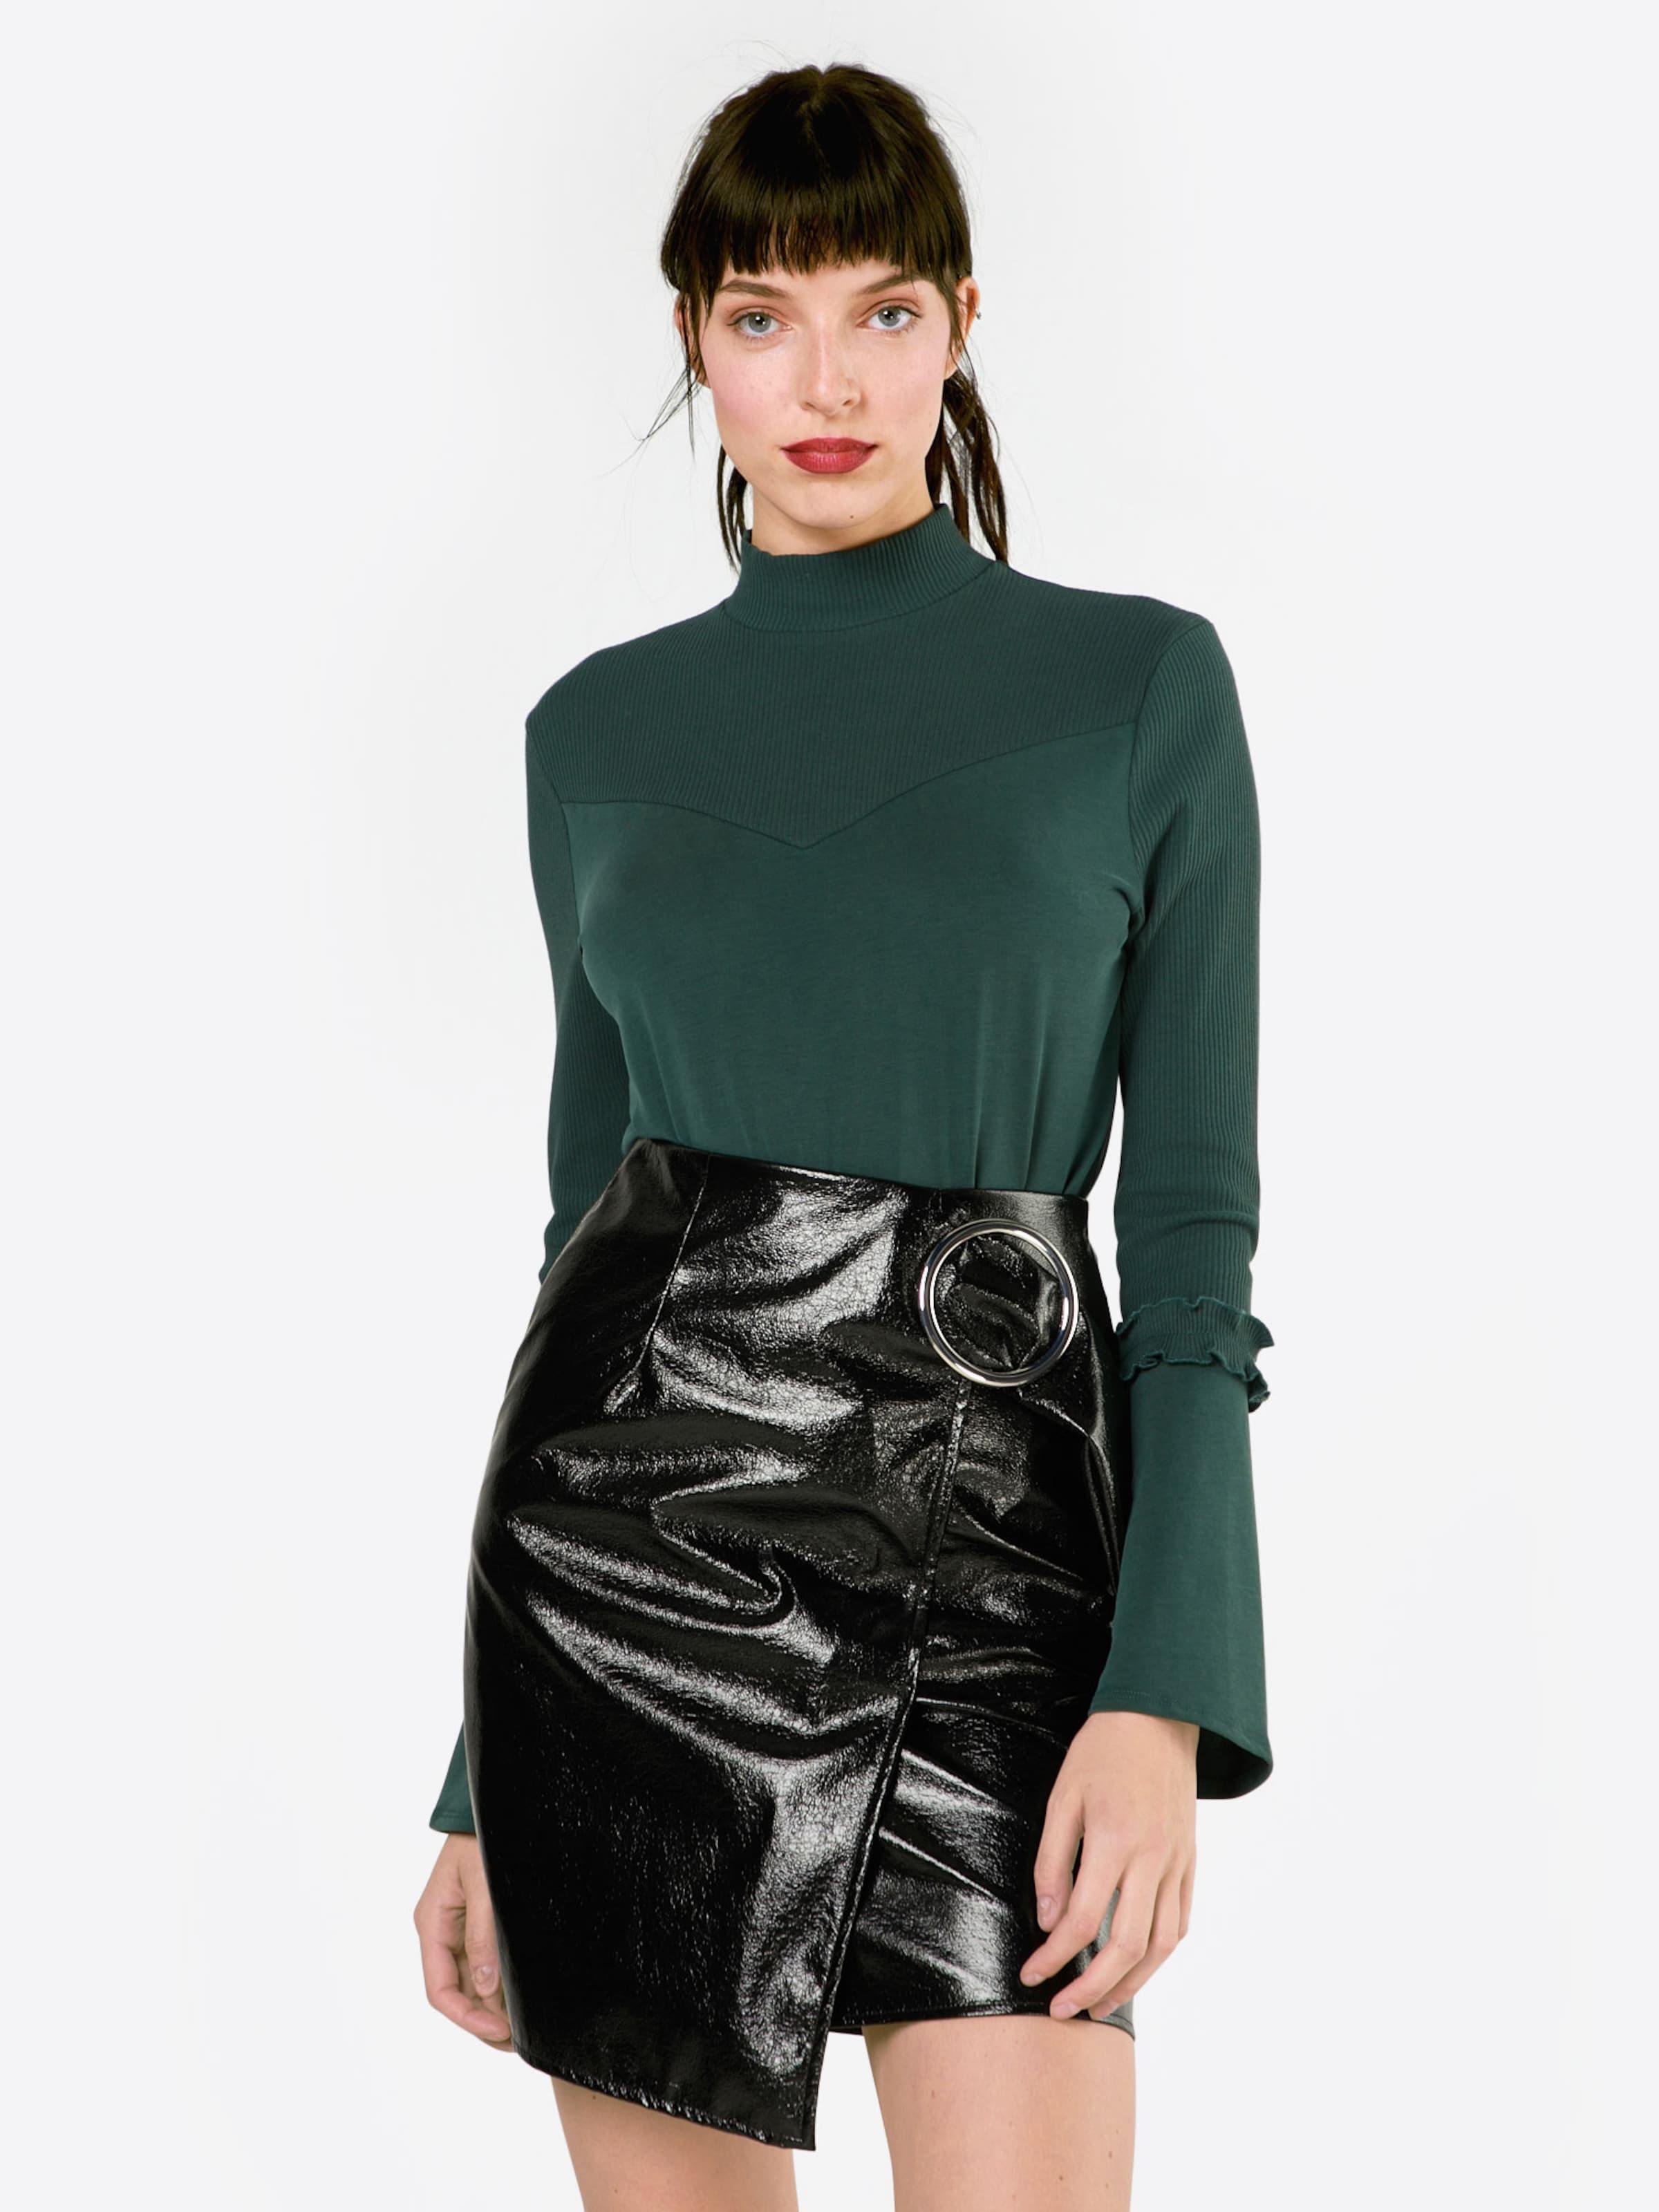 eksept Shirt 'Turtle' Spielraum Mit Paypal Rabatt Top-Qualität Billig Sehr Billig Sast Online Billig Verkauf Beste Preise jHWaDfHe